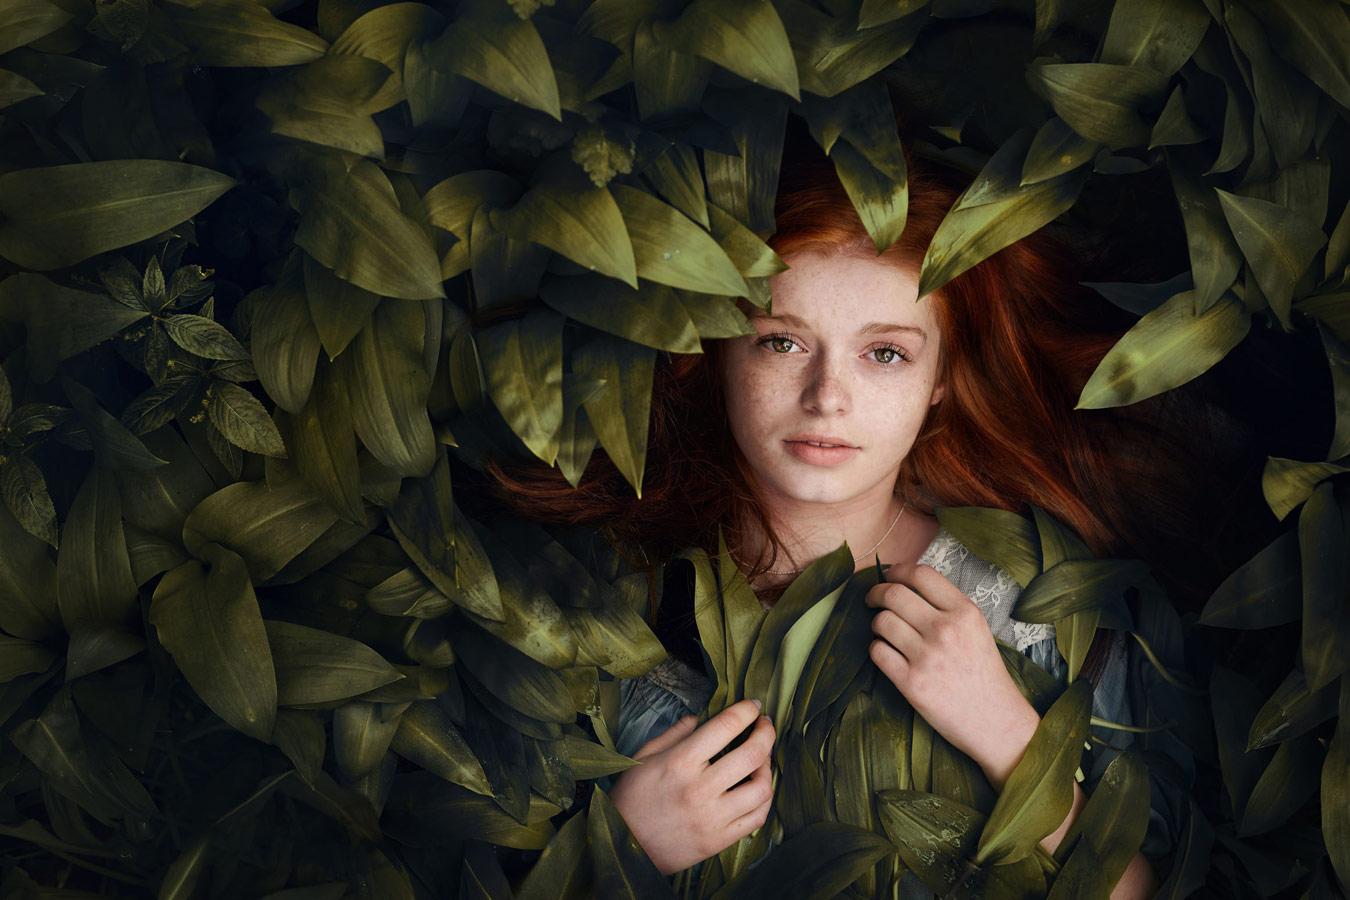 Красный и зелёный, © Мариола Глайкар, Польша, Победитель июля 2018 года, Фотоконкурс «Детский портрет» — CPC Portrait Awards